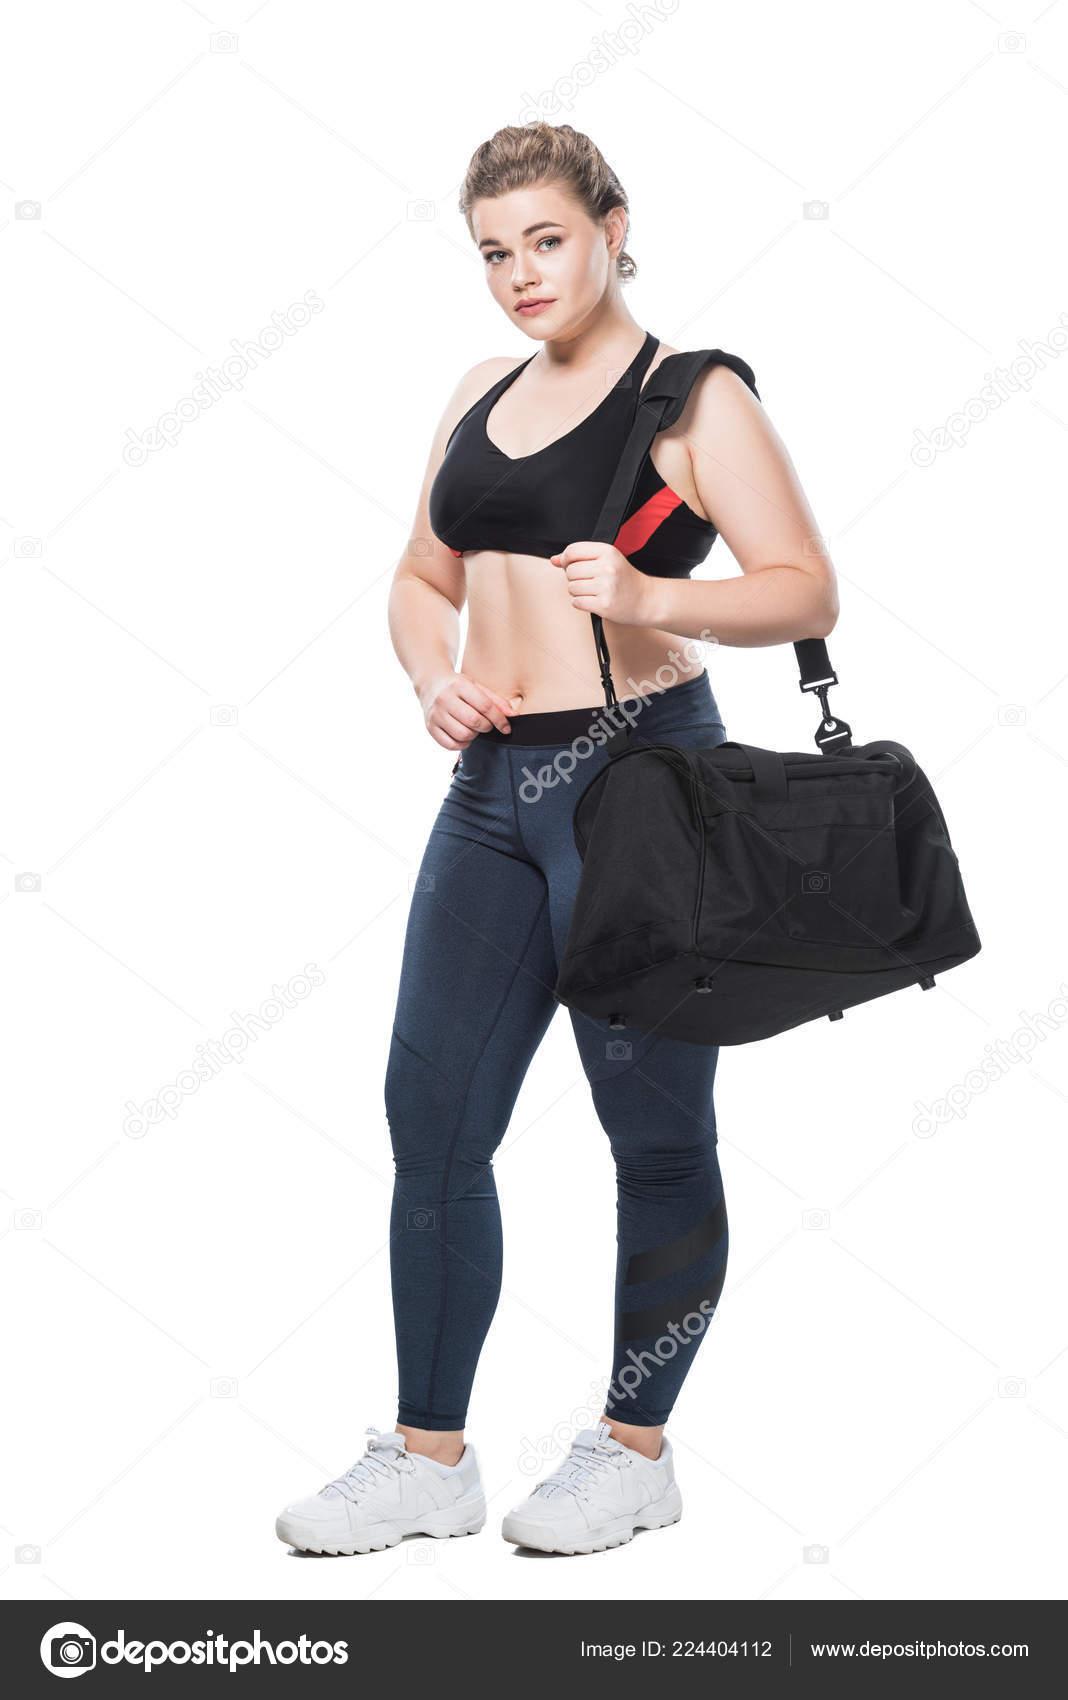 58ae3b158903 Προβολή Πλήρους Μήκους Ελκυστική Νεαρή Μέγεθος Συν Γυναίκα Σπορ Τσάντα — Φωτογραφία  Αρχείου